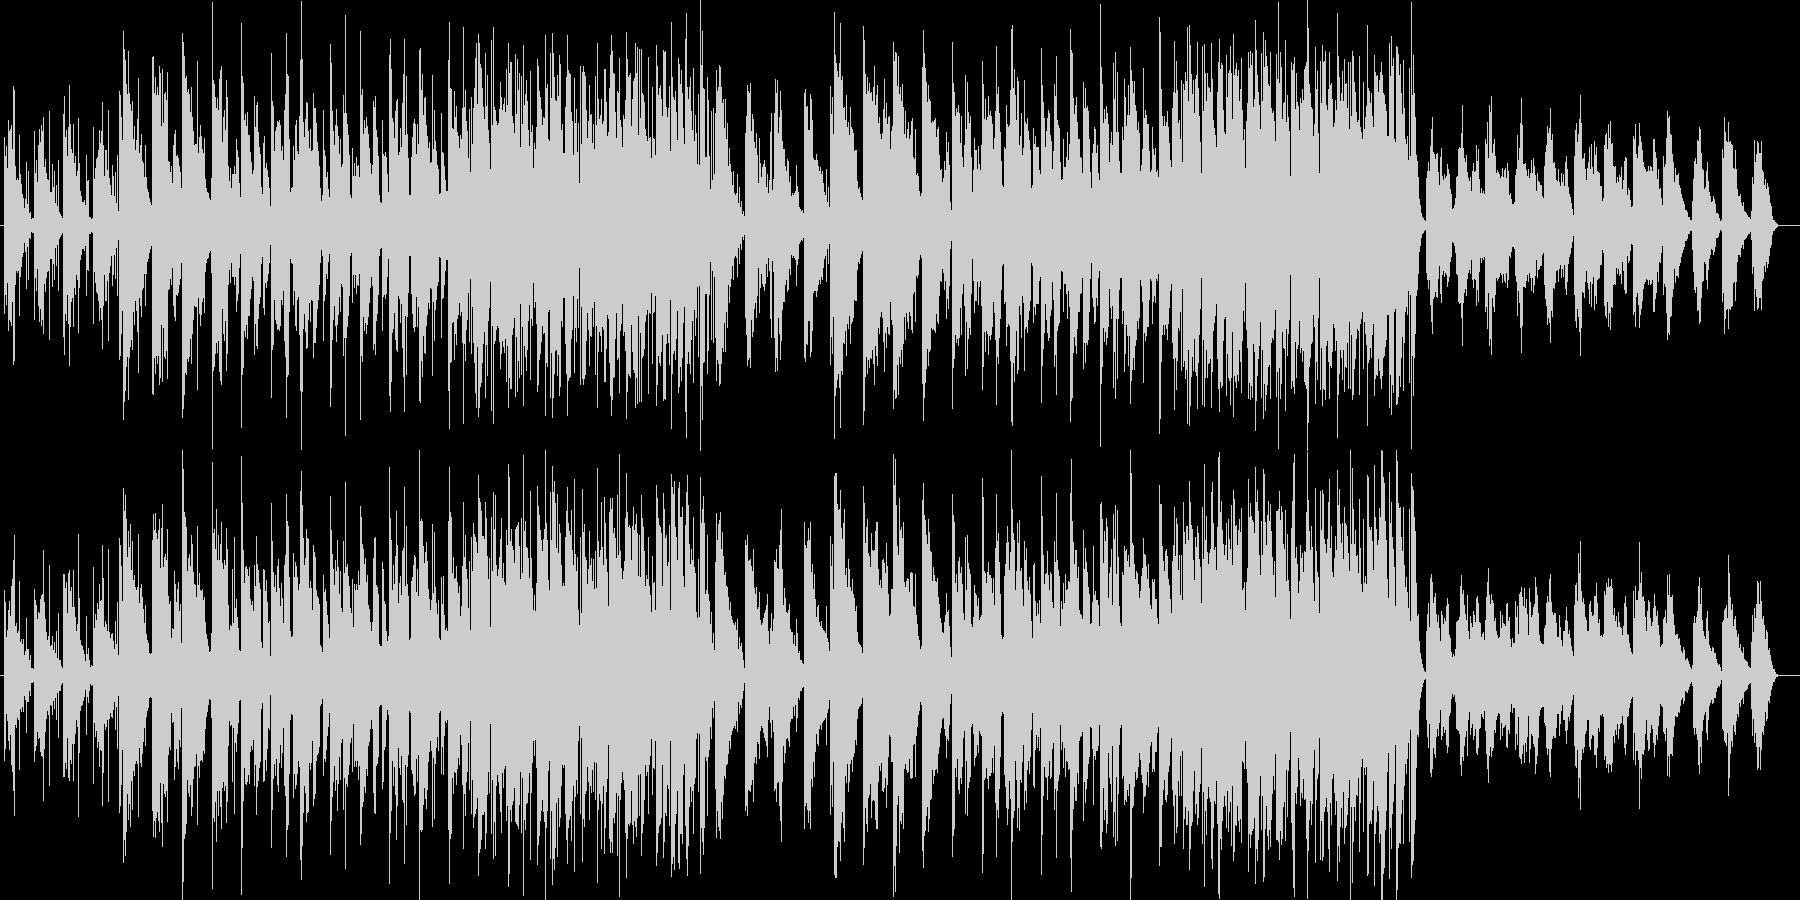 開放的なスローブリージングする環境音楽の未再生の波形